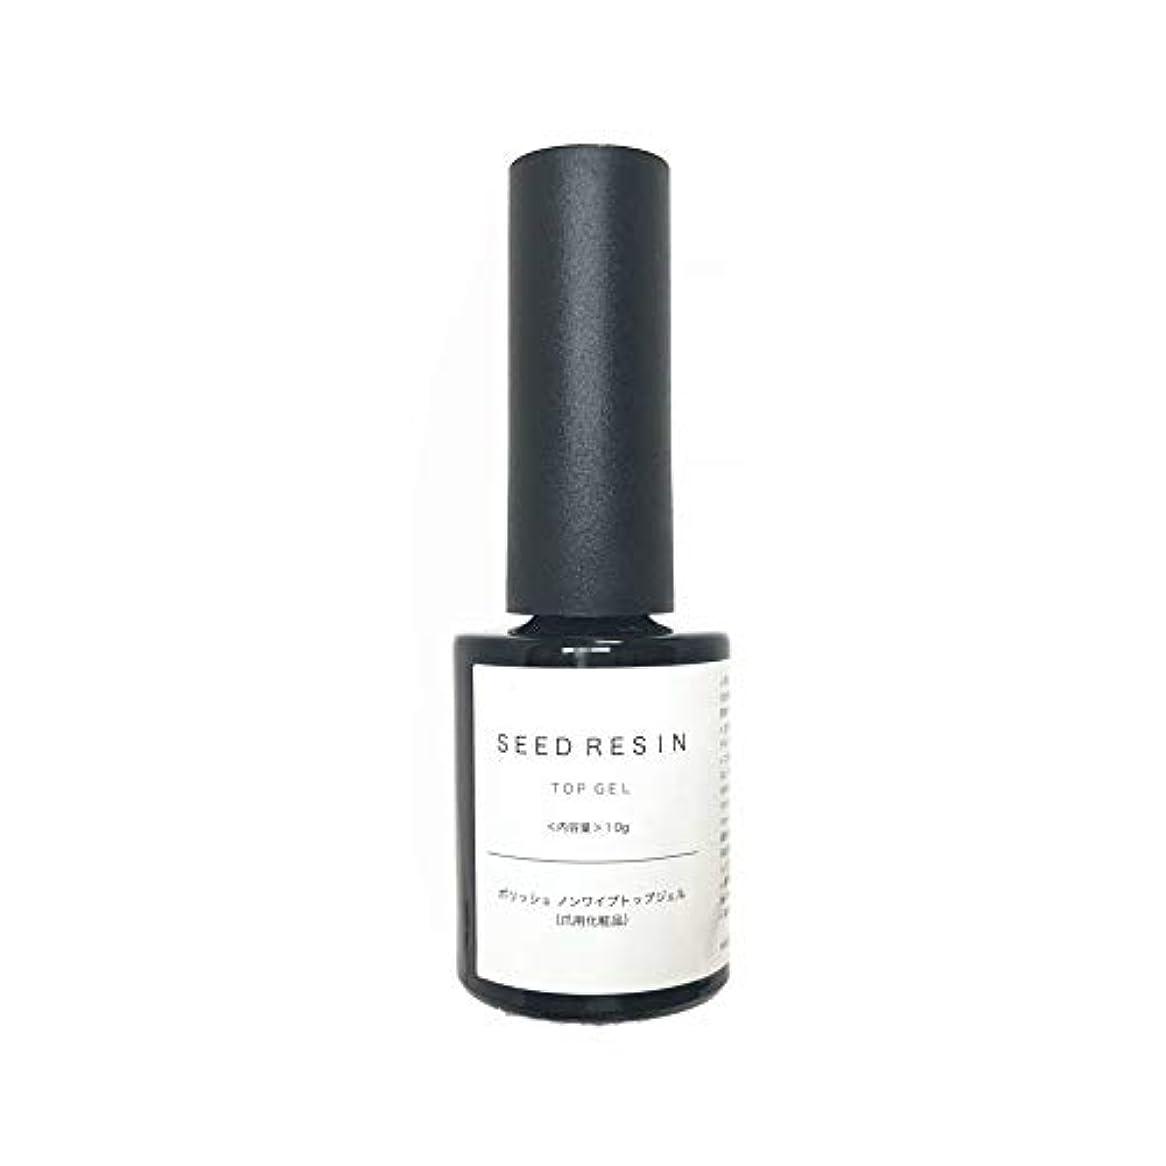 松伸ばす絶望SEED RESIN(シードレジン) ジェルネイル ポリッシュ ノンワイプ トップジェル 10g 爪用化粧品 日本製